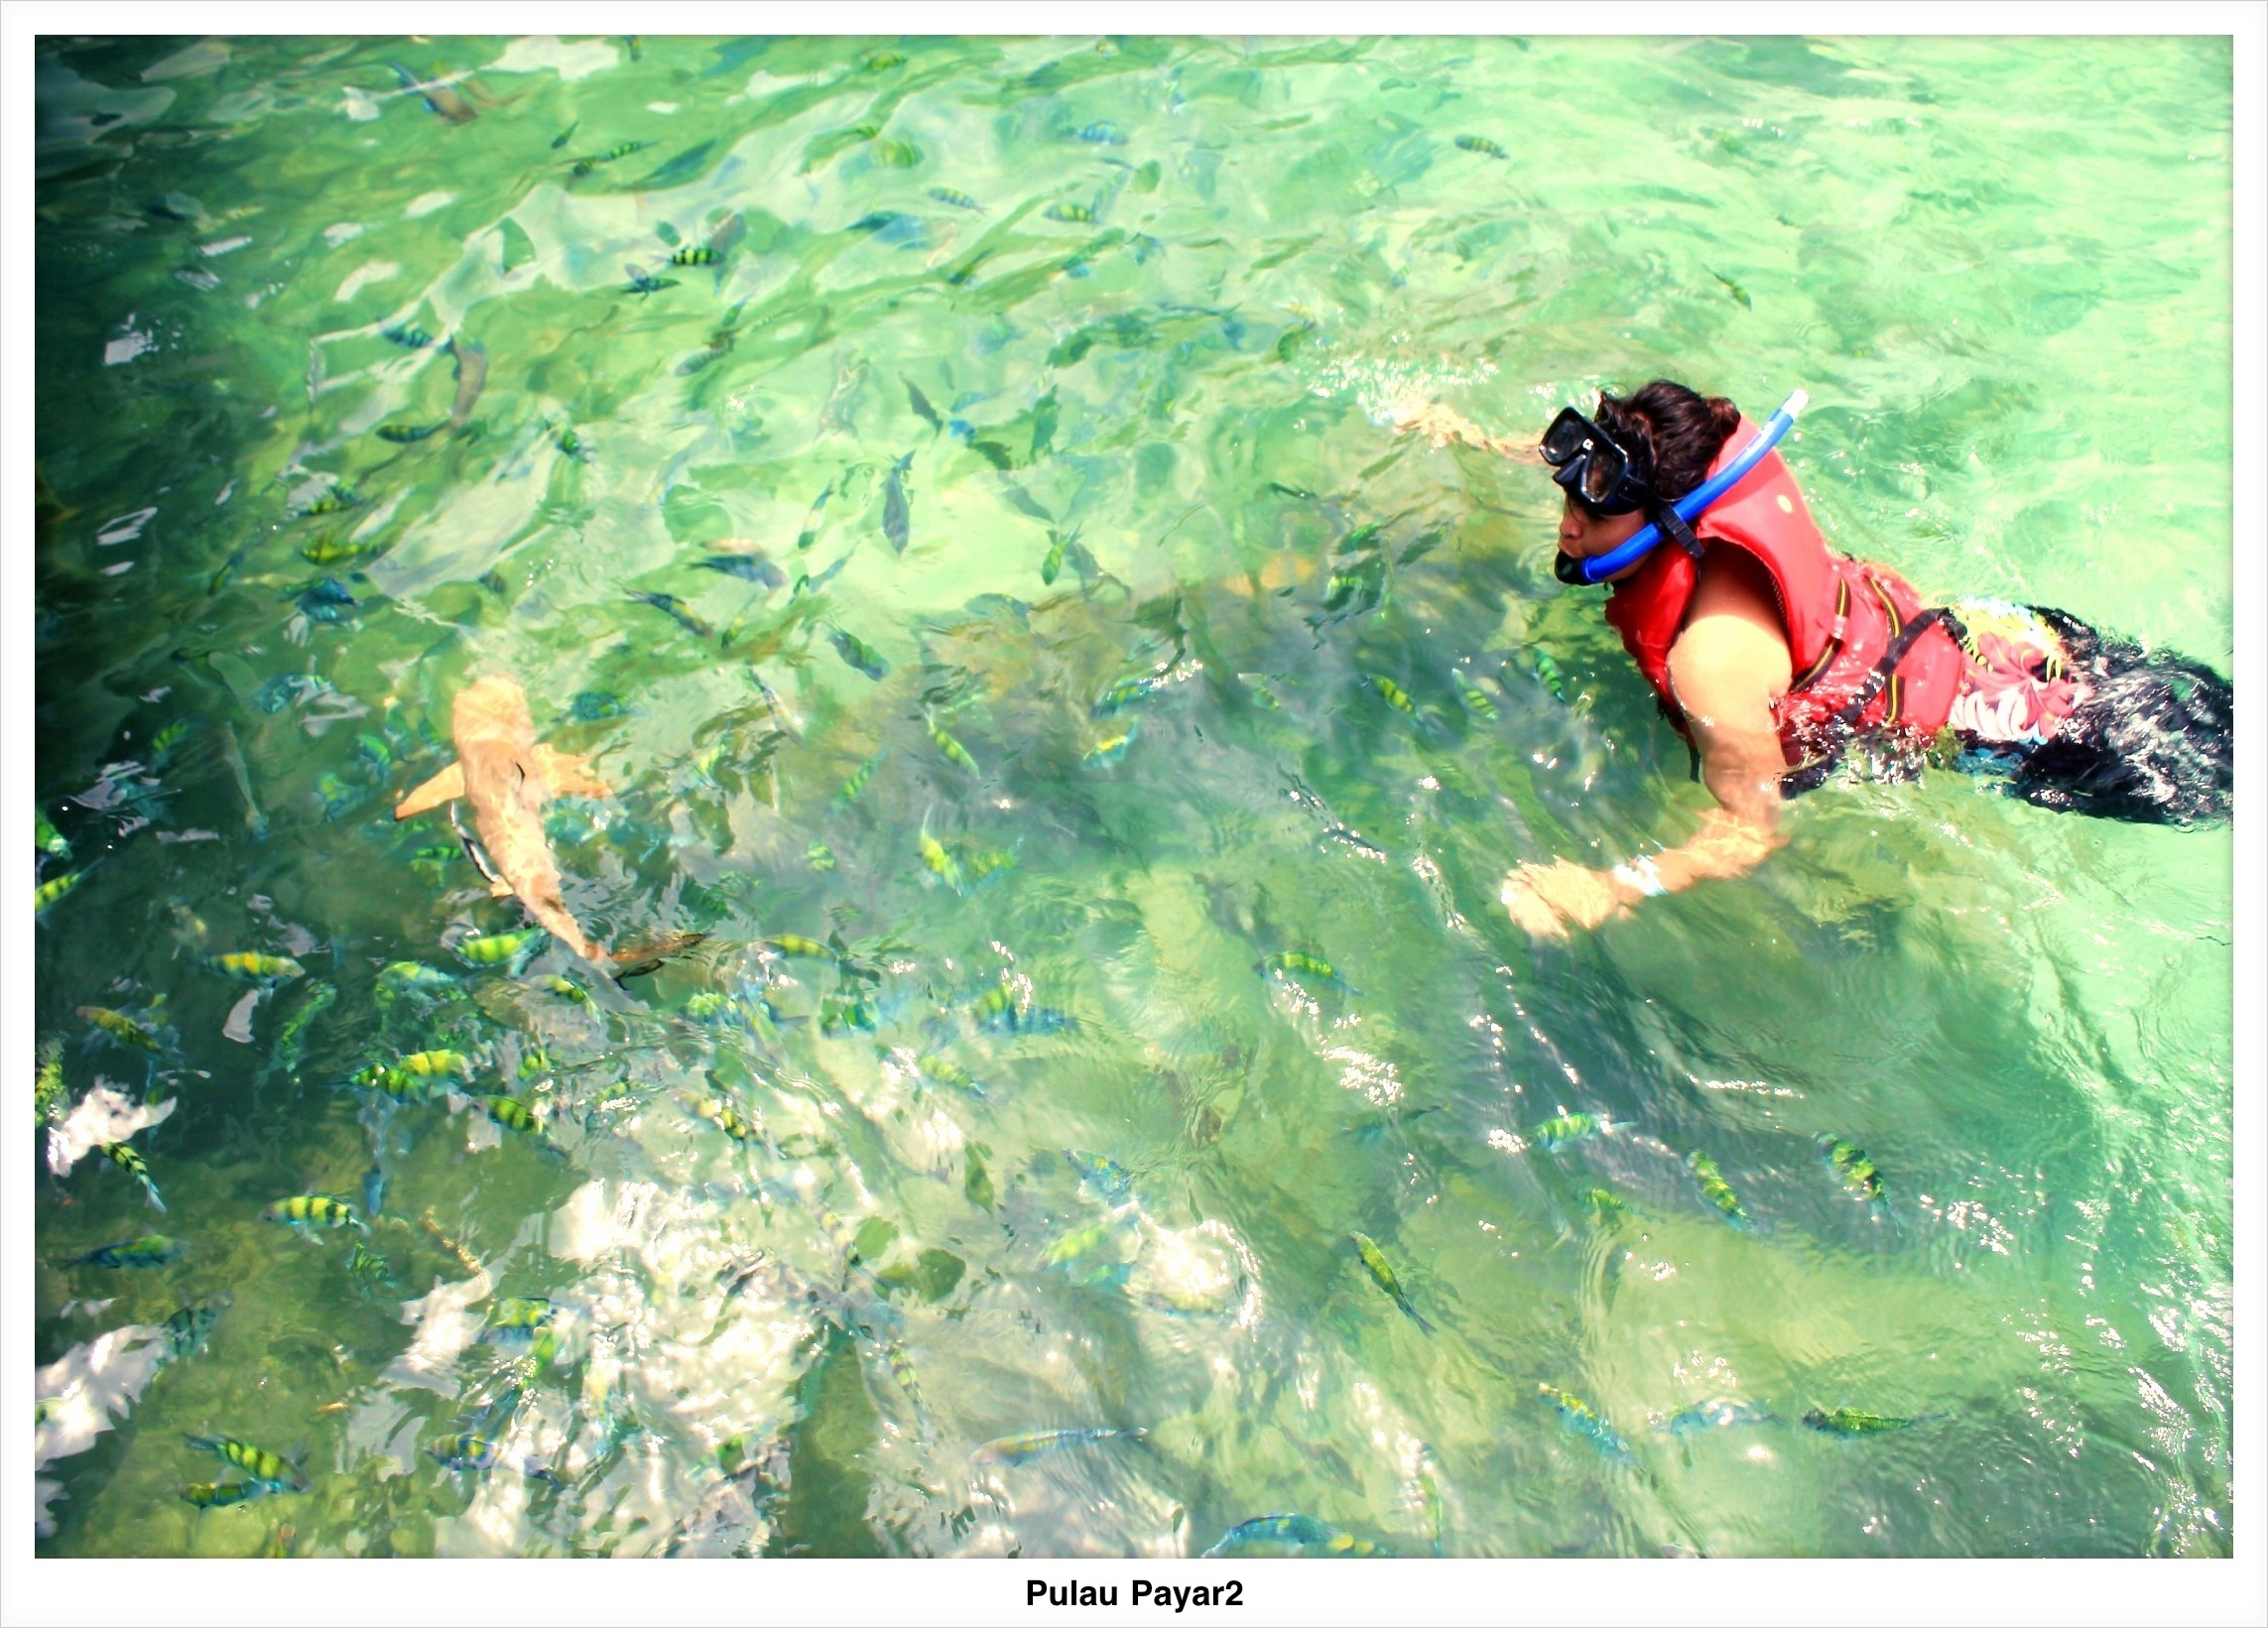 Payar Island I Snorkeled With Sharks Olive Latuputty Kaos Fish Ikan Hiu Shark Begitu Sampai Di Pantai Ratusan Kecil Warna Warni Sudah Menunggu Bibir Mereka Udah Biasa Dikasih Makan Sama Turis Jadi Nagih Semua